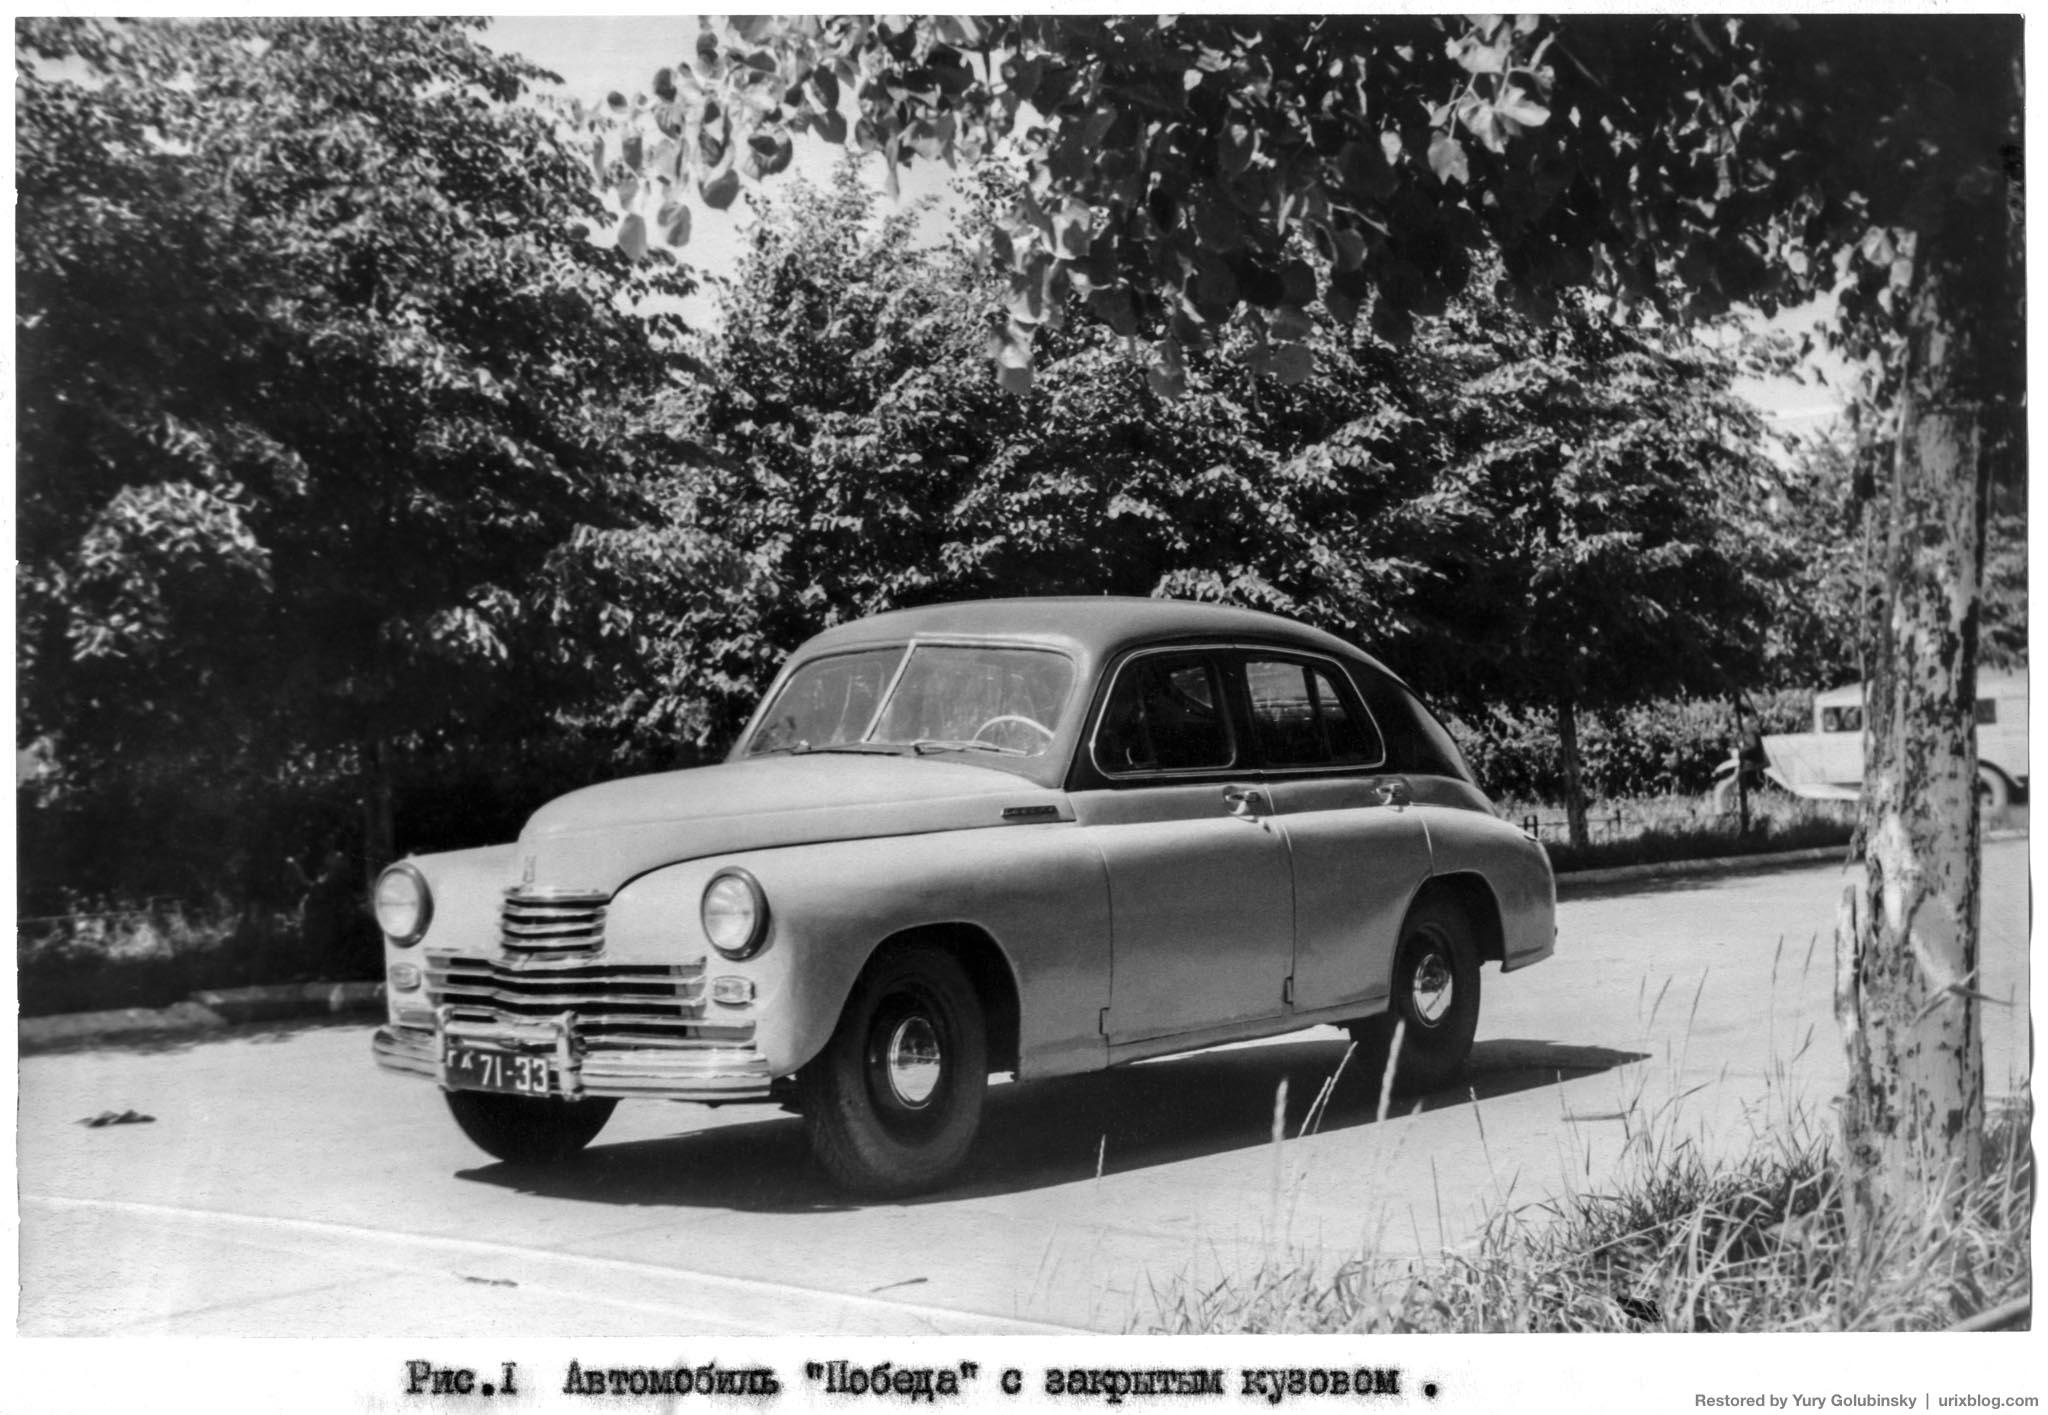 Технический отчёт по испытаниям автомобилей Победа, 1948, 1949, фото, фотография, отчёт, испытания, Победа, автомобиль Победа, Москва, СССР, автопробег, зима, реставрация, ГАЗ-М-20